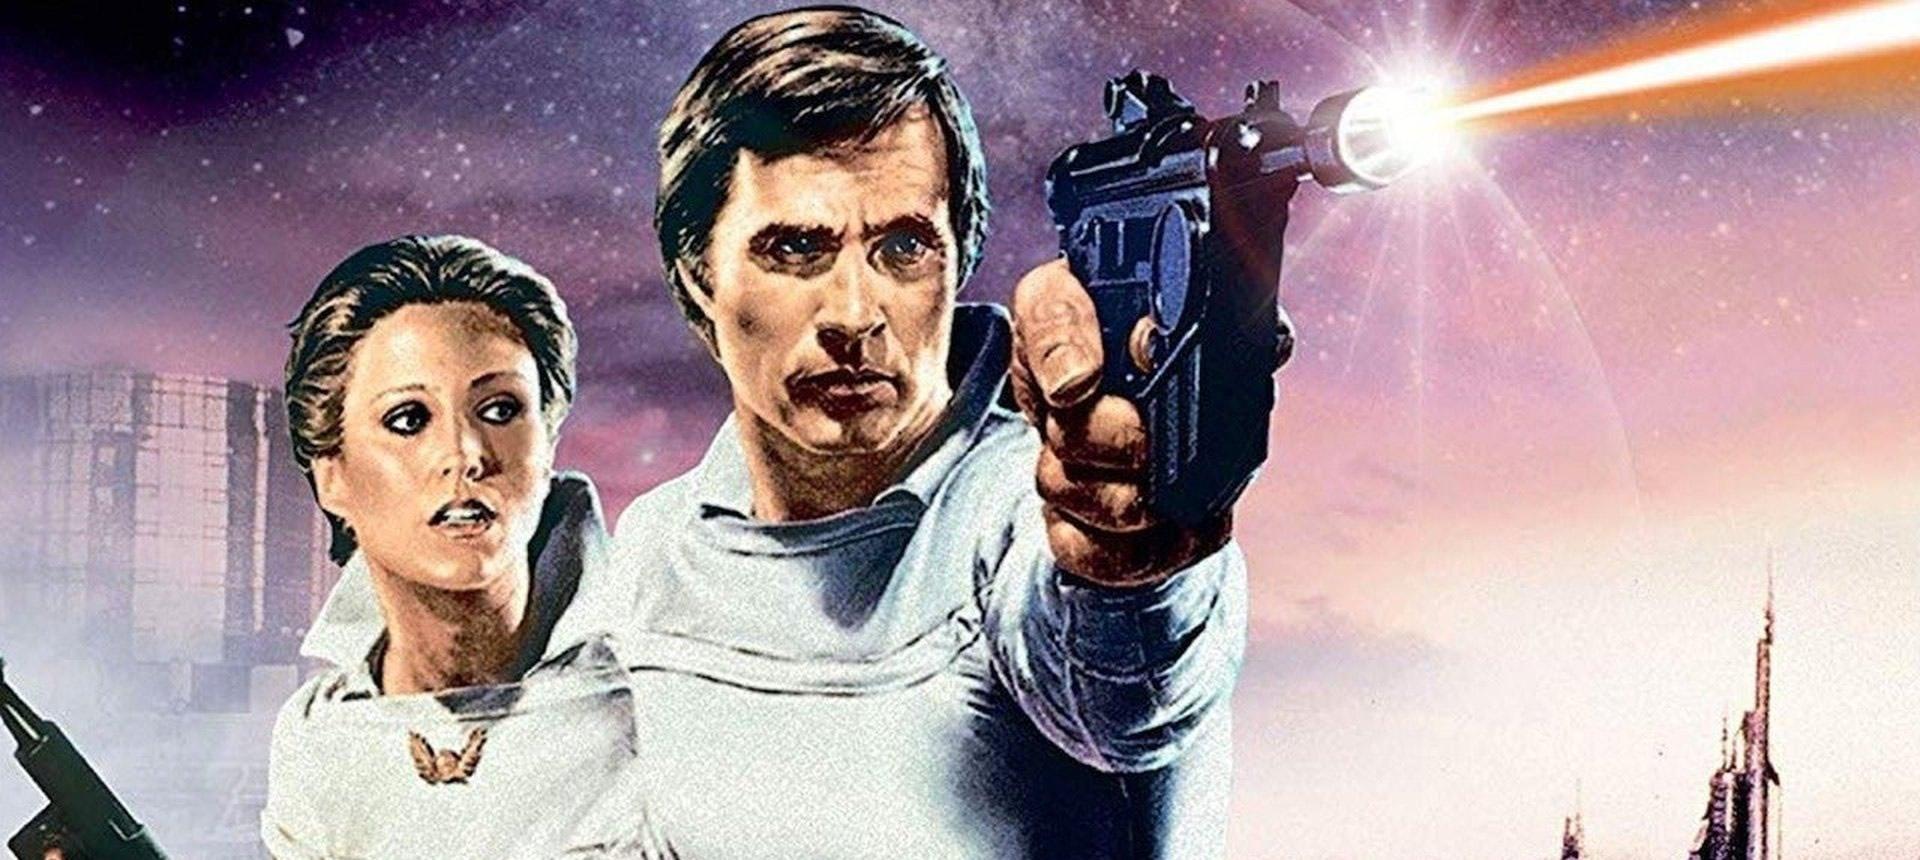 BUCK ROGERS | Série sendo desenvolvida pela Legendary Pictures com George Clooney como produtor executivo